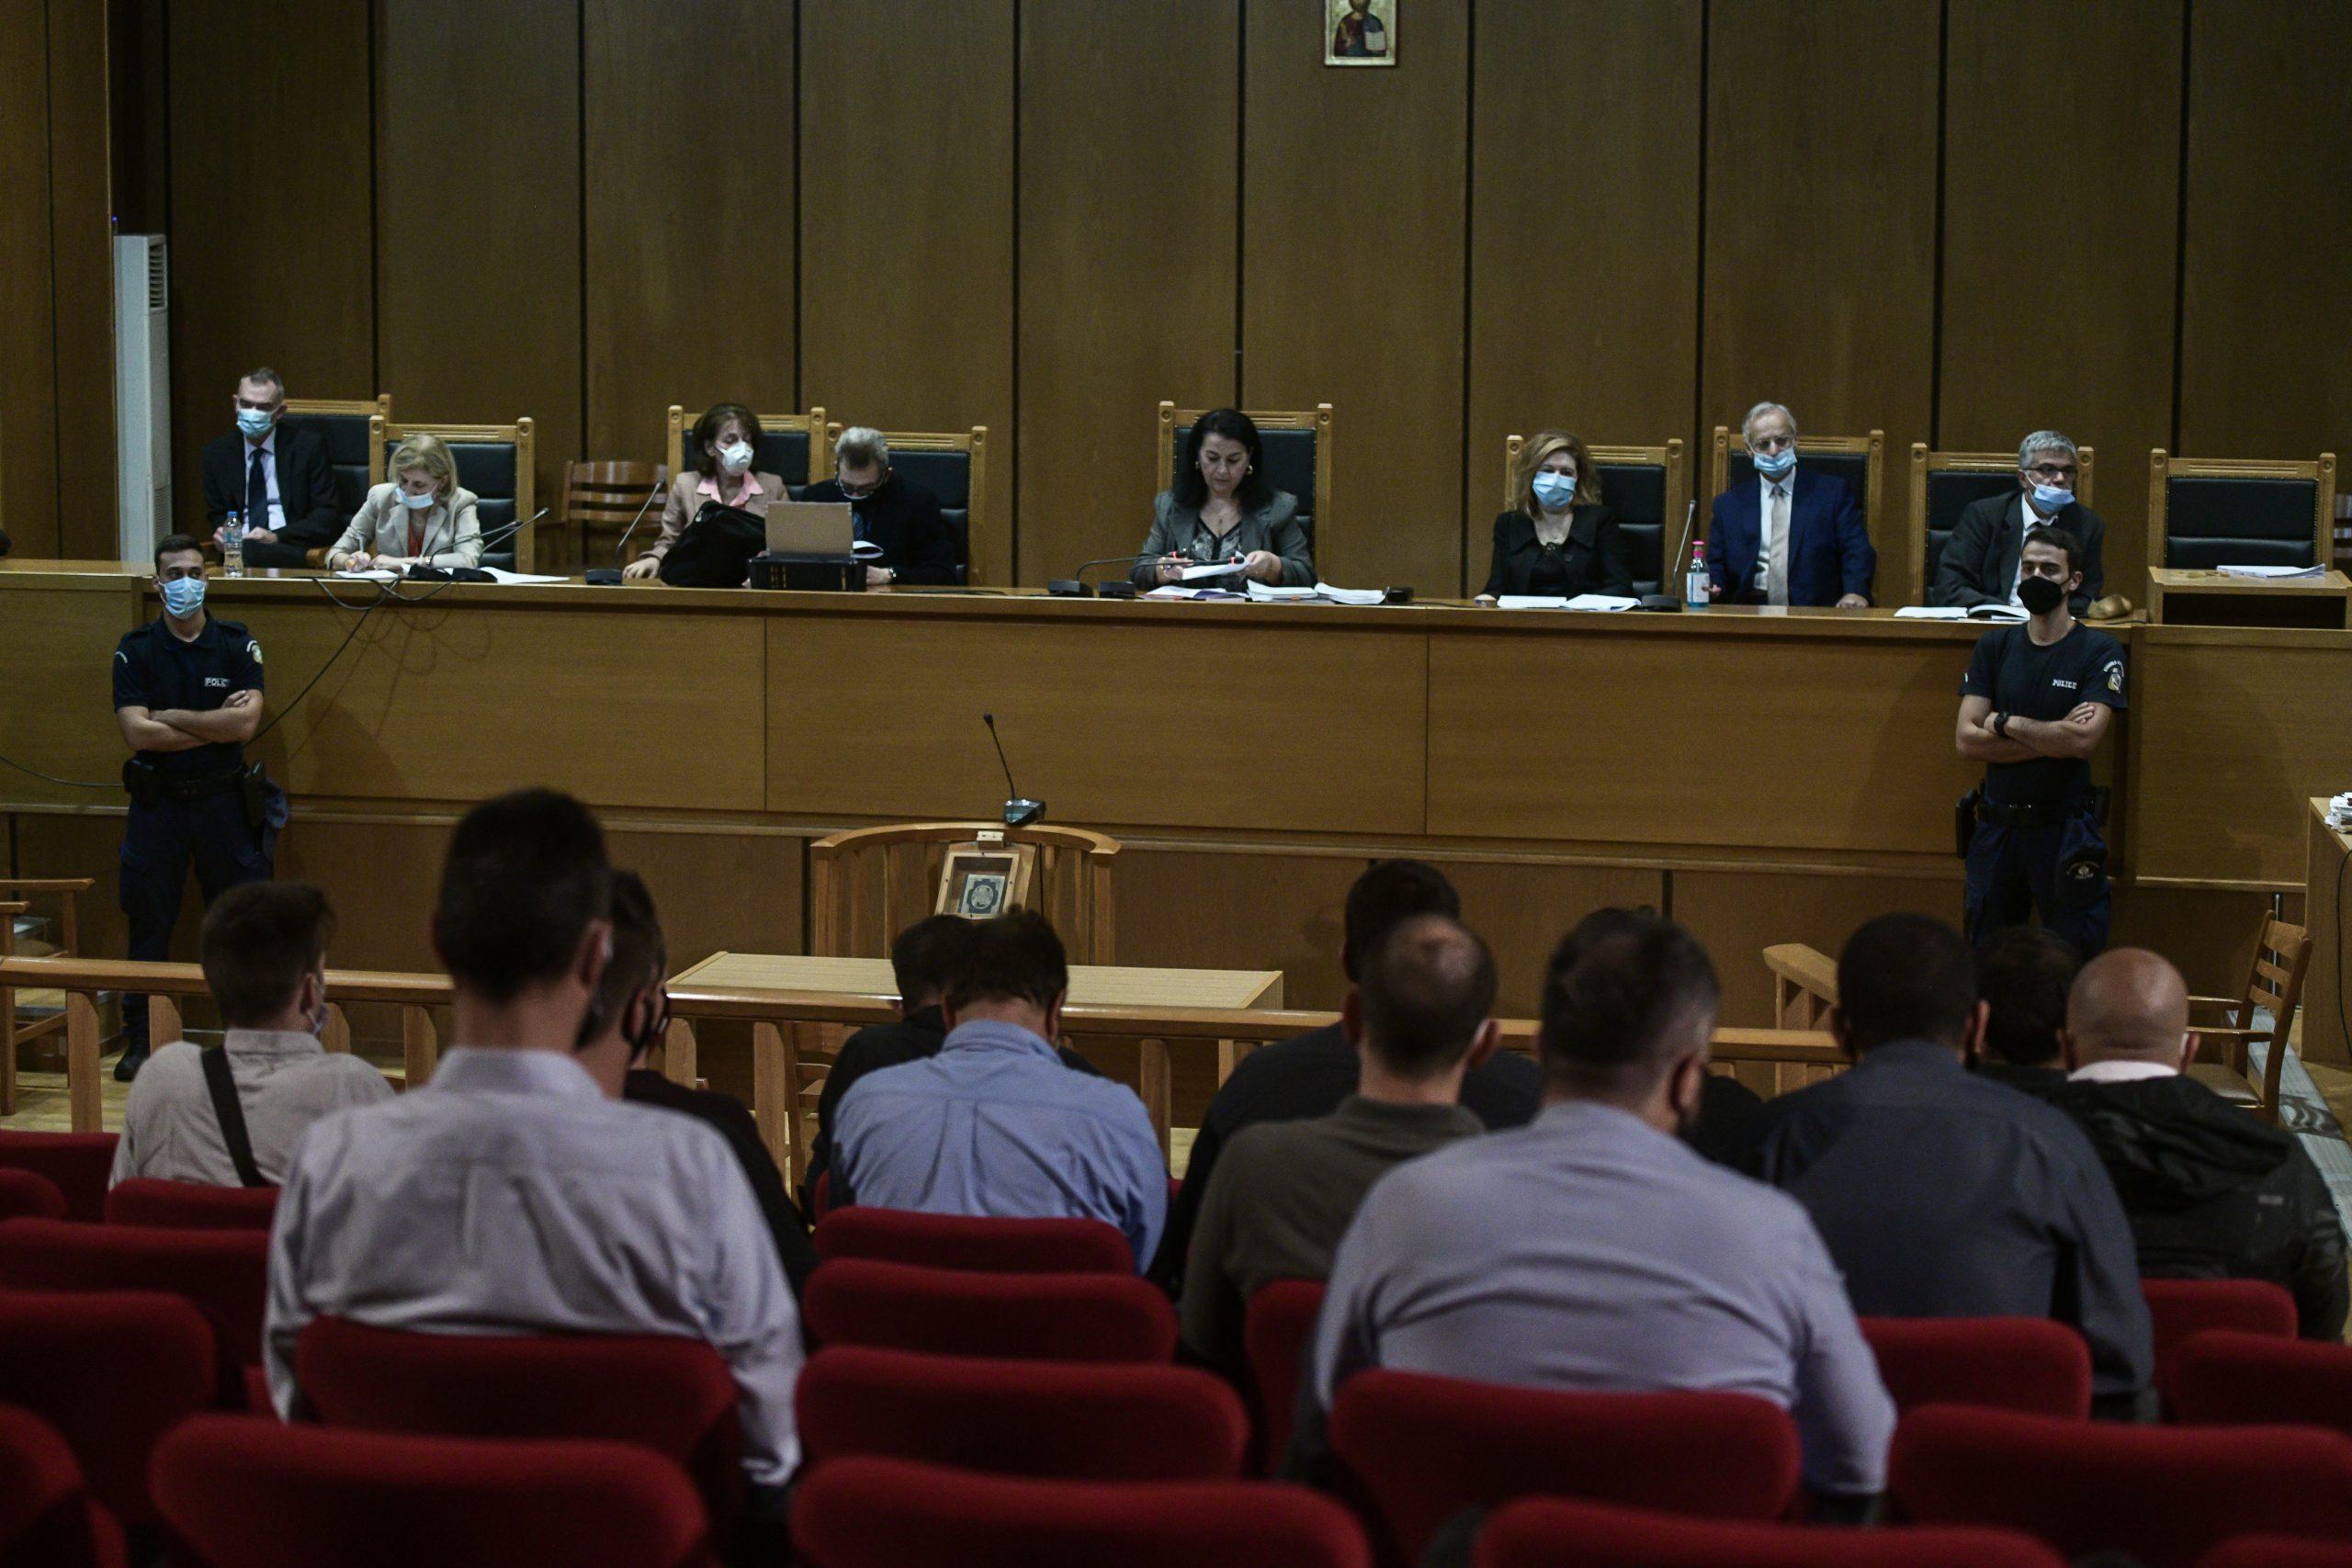 Λουκάς Λυμπερόπουλος: Ελλιπής και λάθος η εισαγγελική πρόταση για τη Χρυσή Αυγή